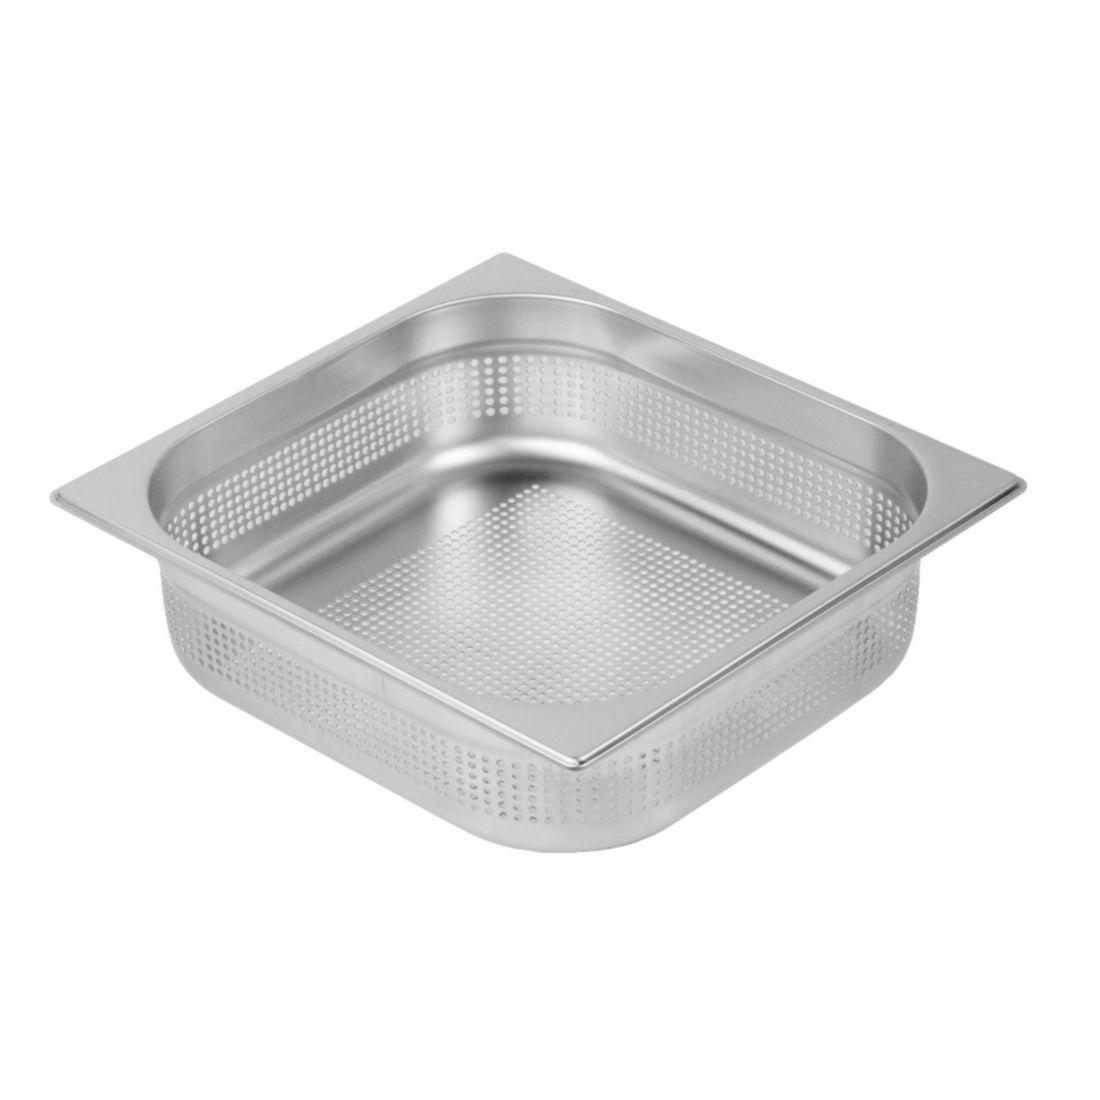 Gastronádoba Profi děrovaná s úchyty GN 2/3 065 mm